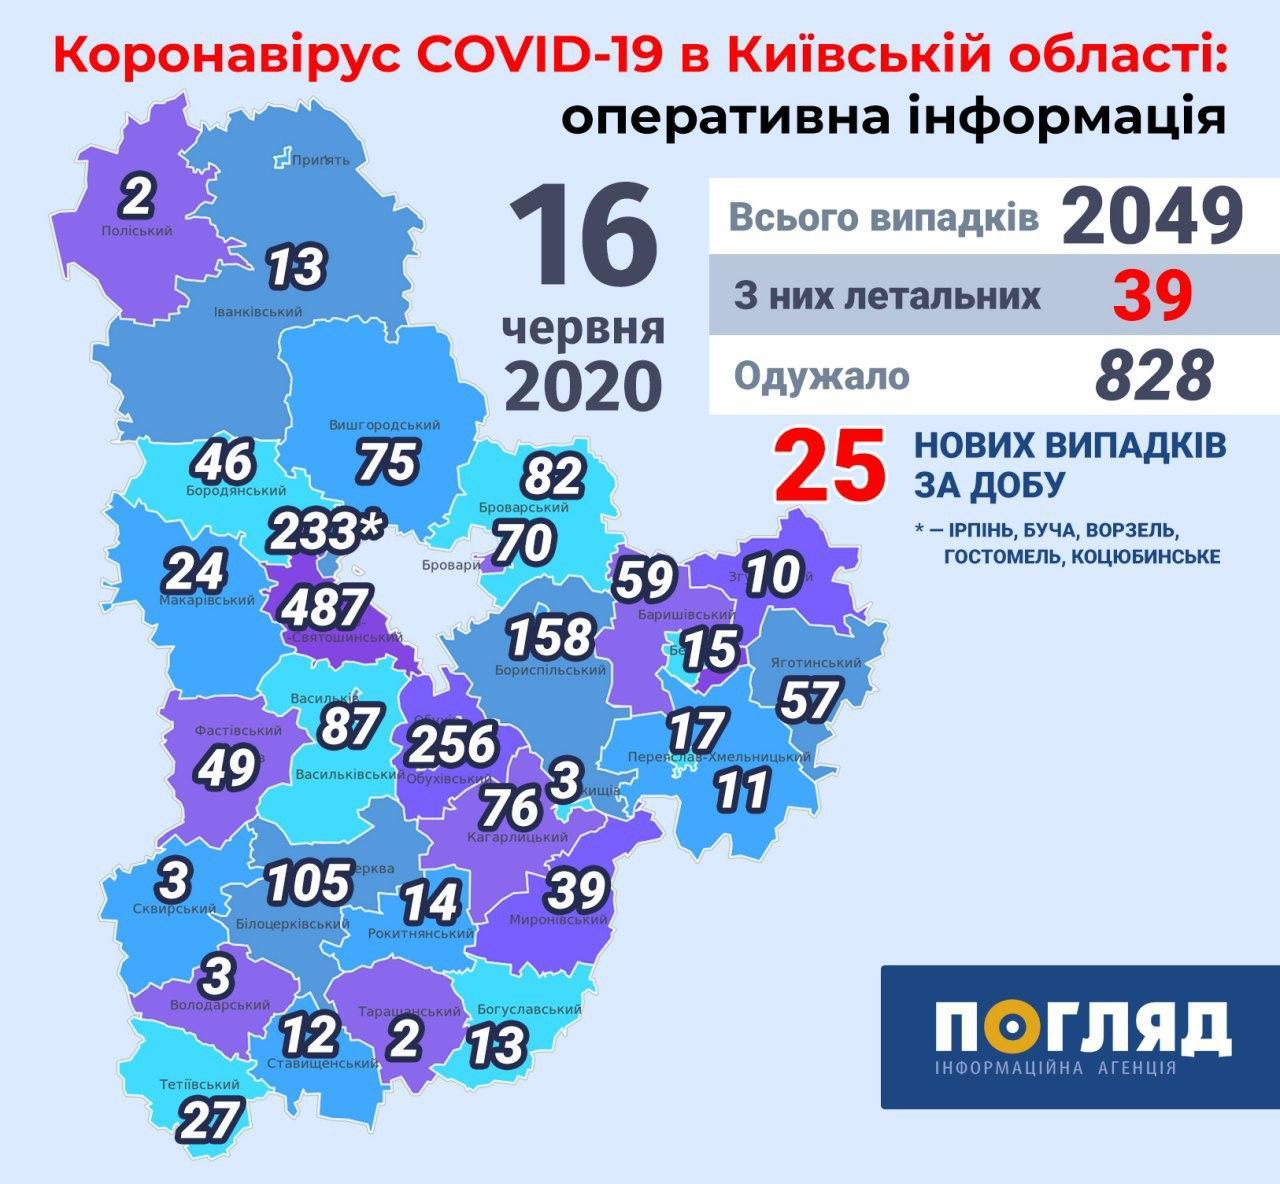 На Київщині за добу COVID-19  захворіло 25 людей -  - photo 2020 06 16 11 16 53